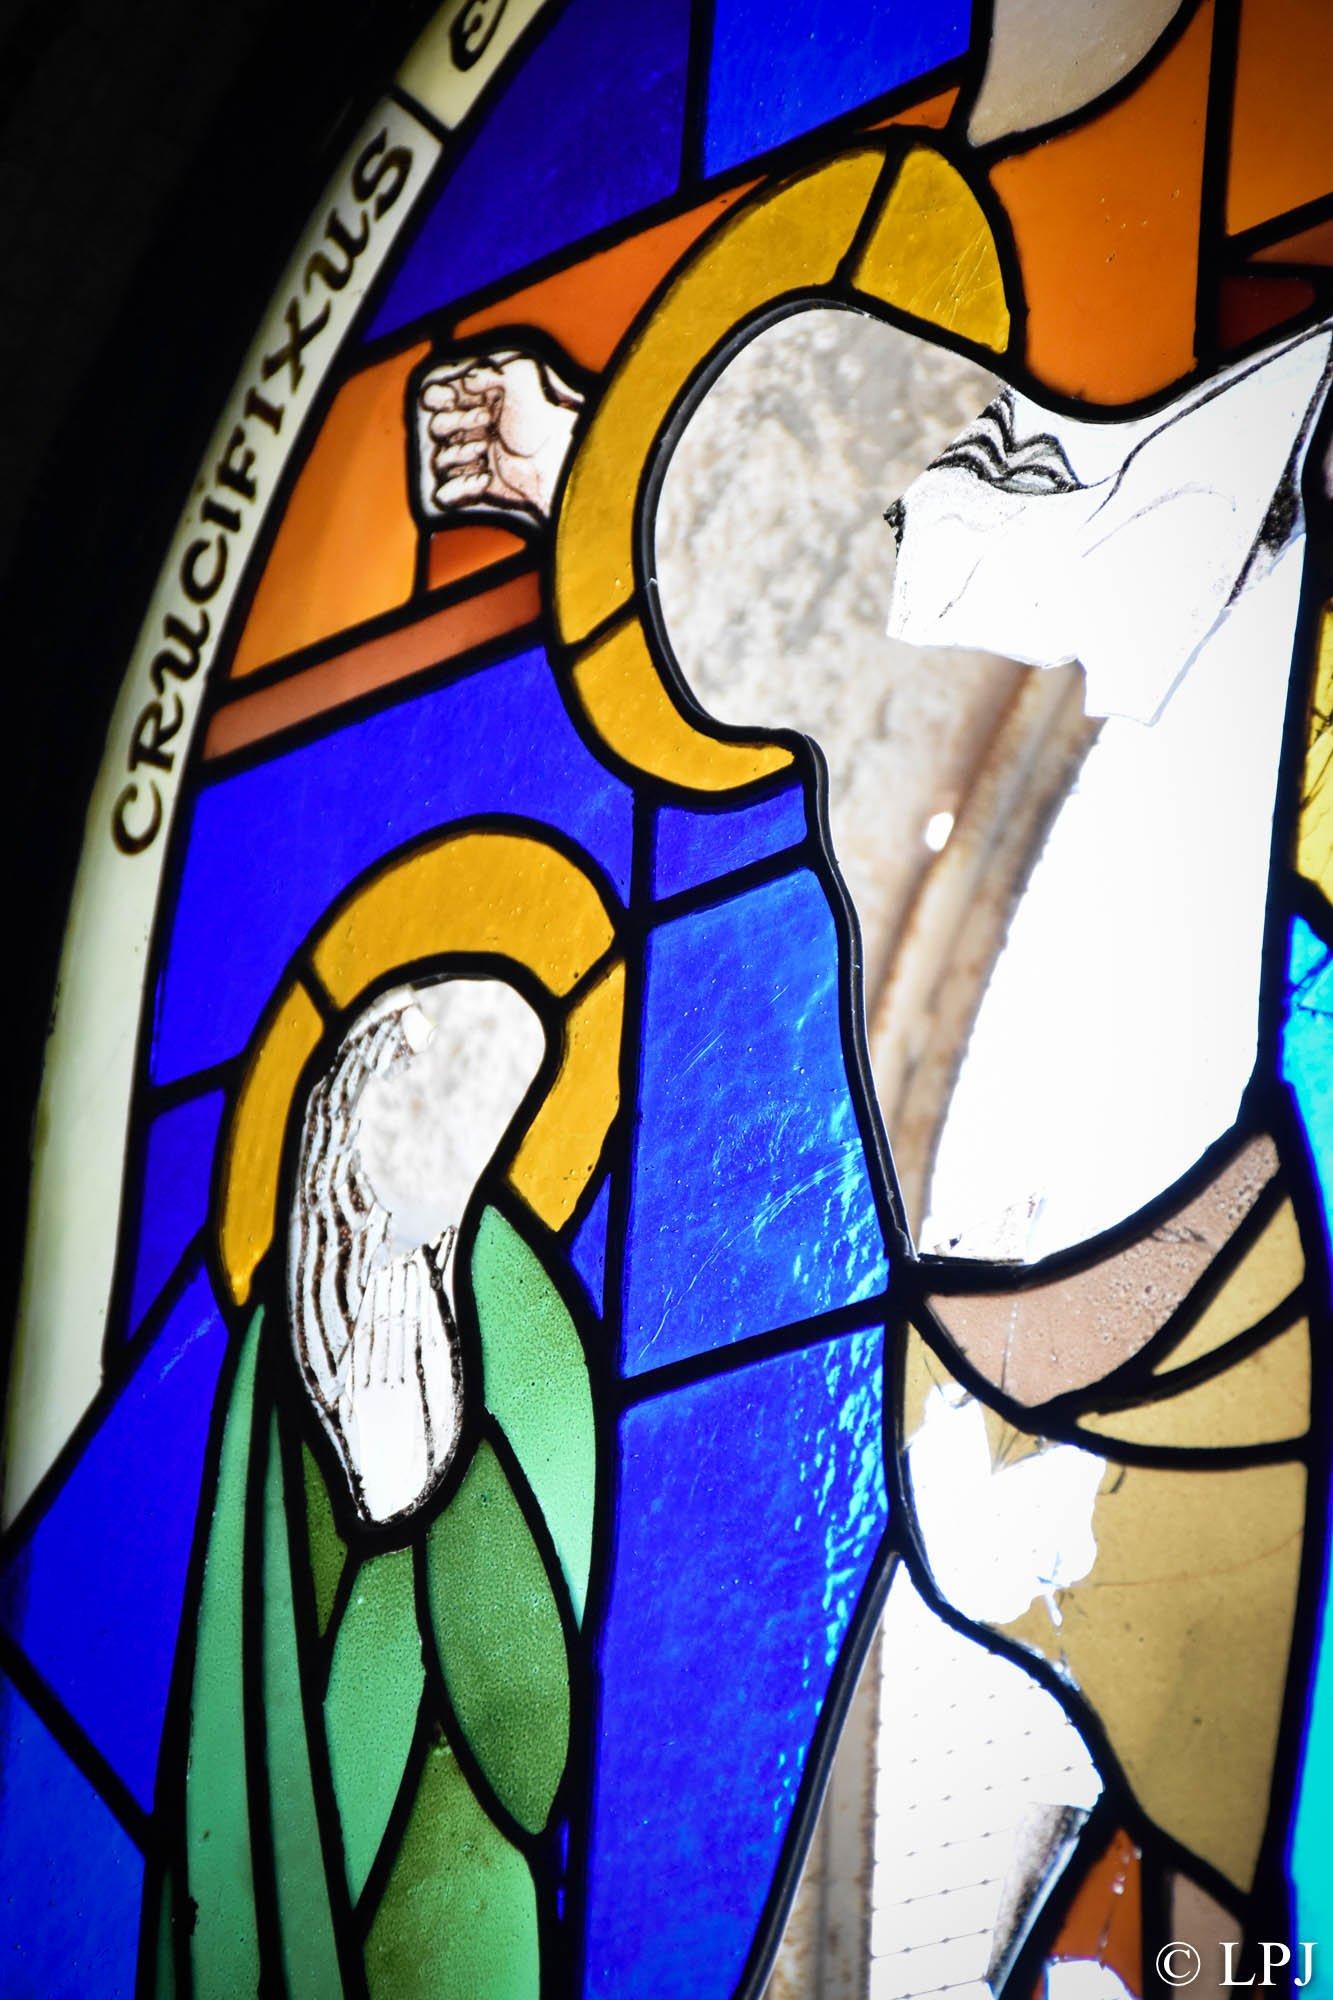 مسؤول كنيسة القديس اسطفانوس لـ بكرا: خسائر الإعتداء على الكنيسة جسيمة